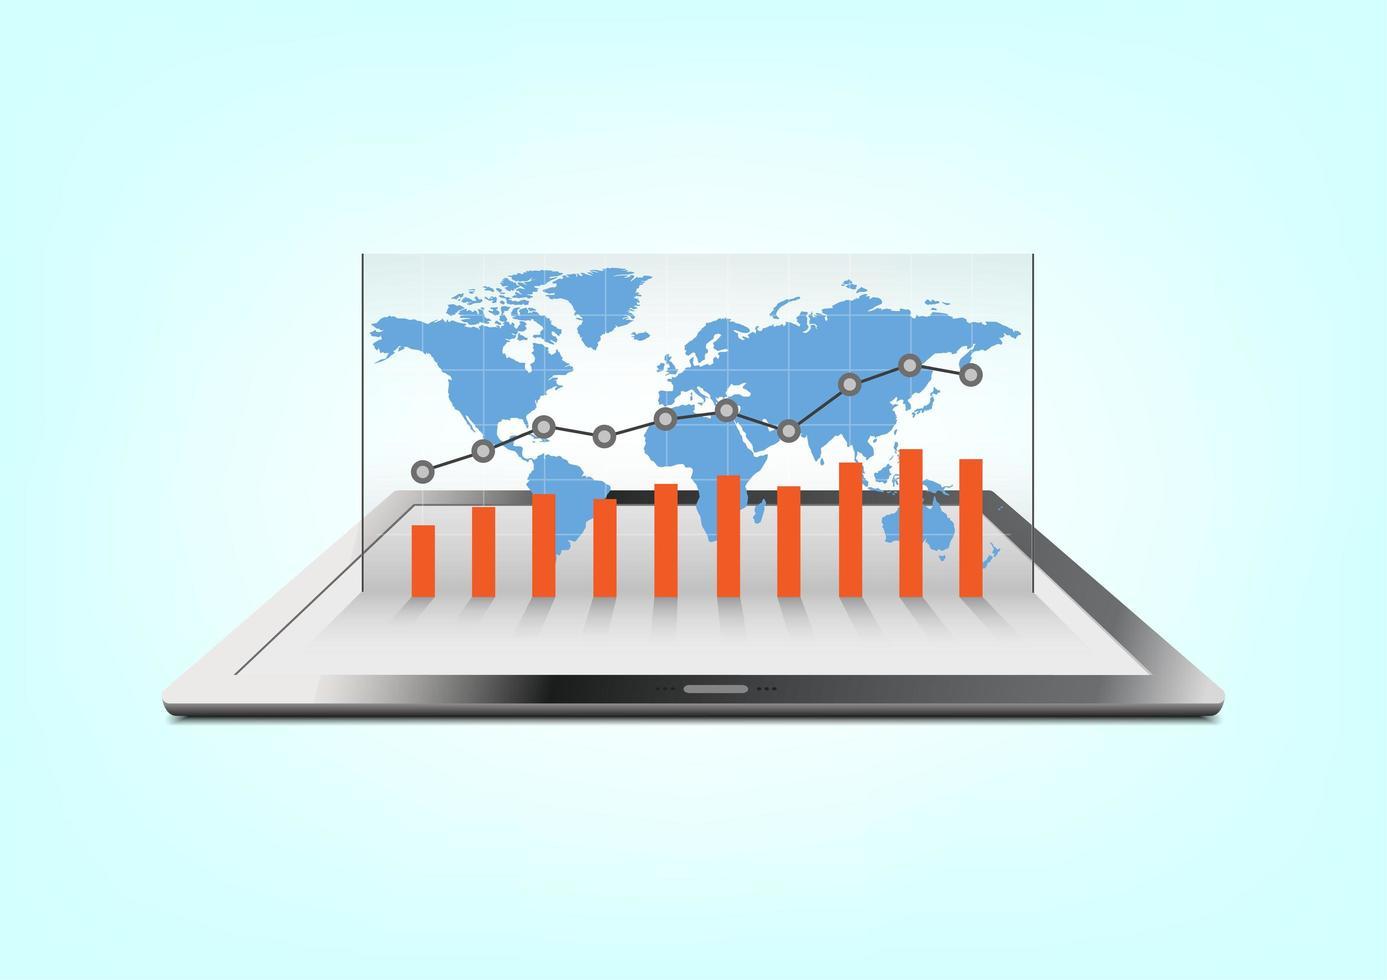 wereldwijde zakelijke grafiek op tablet vector